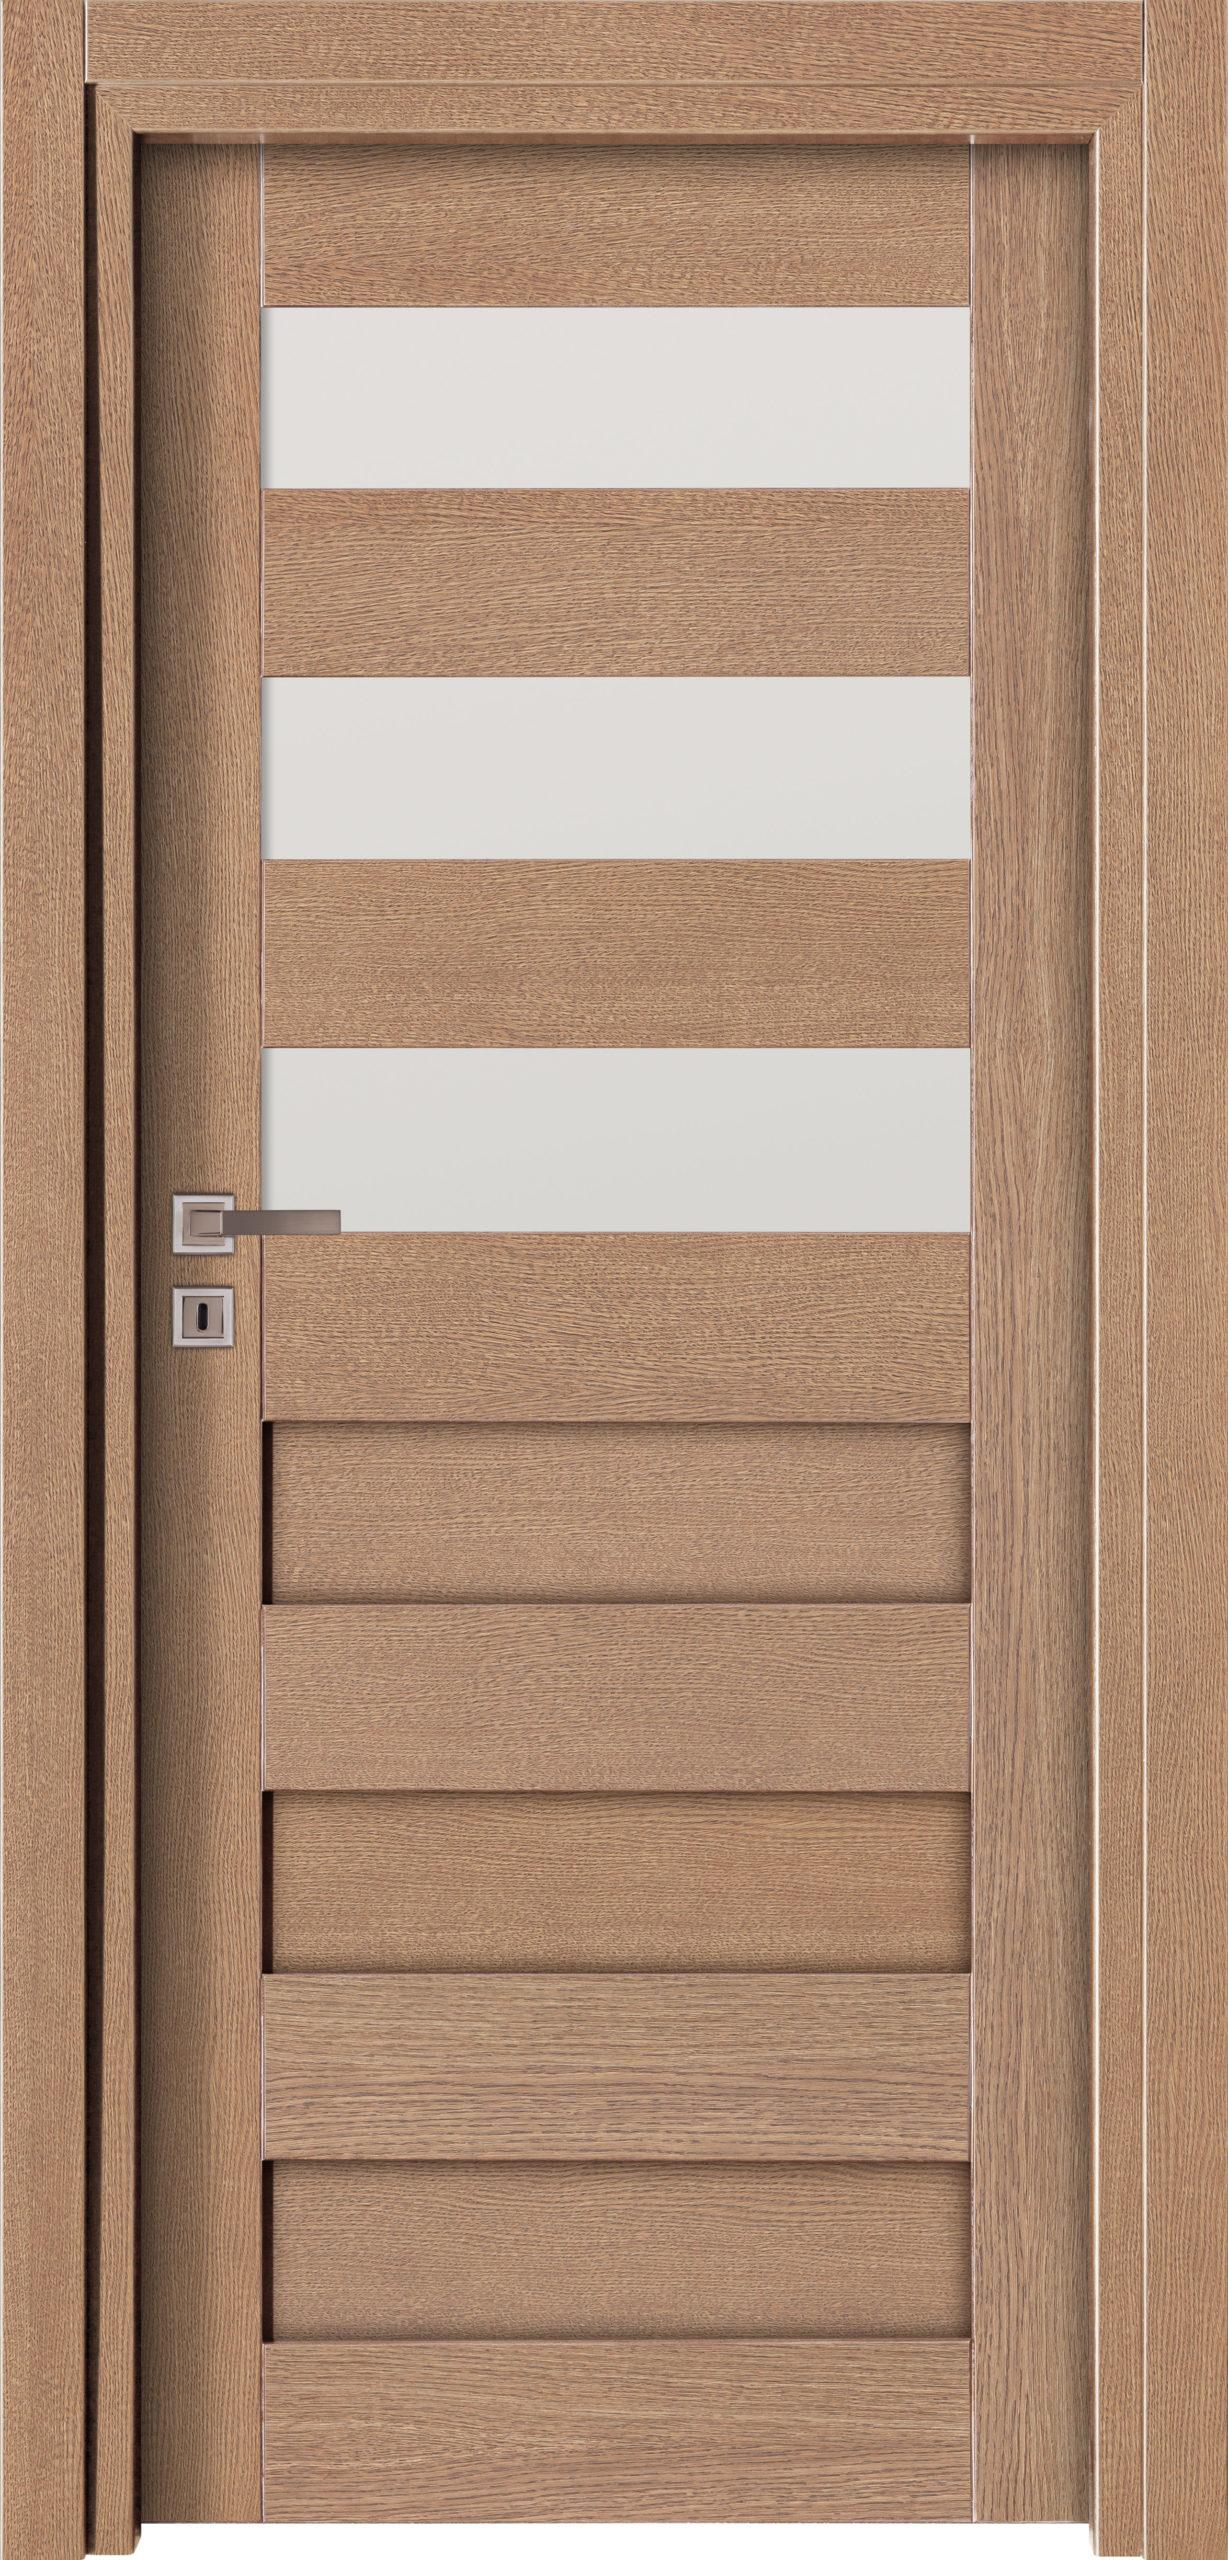 Vigo A4 - jesion - szary - szklenie lacomat bezpieczny - ościeżnica przylgowa regulowana drewniana prosta (IIa)